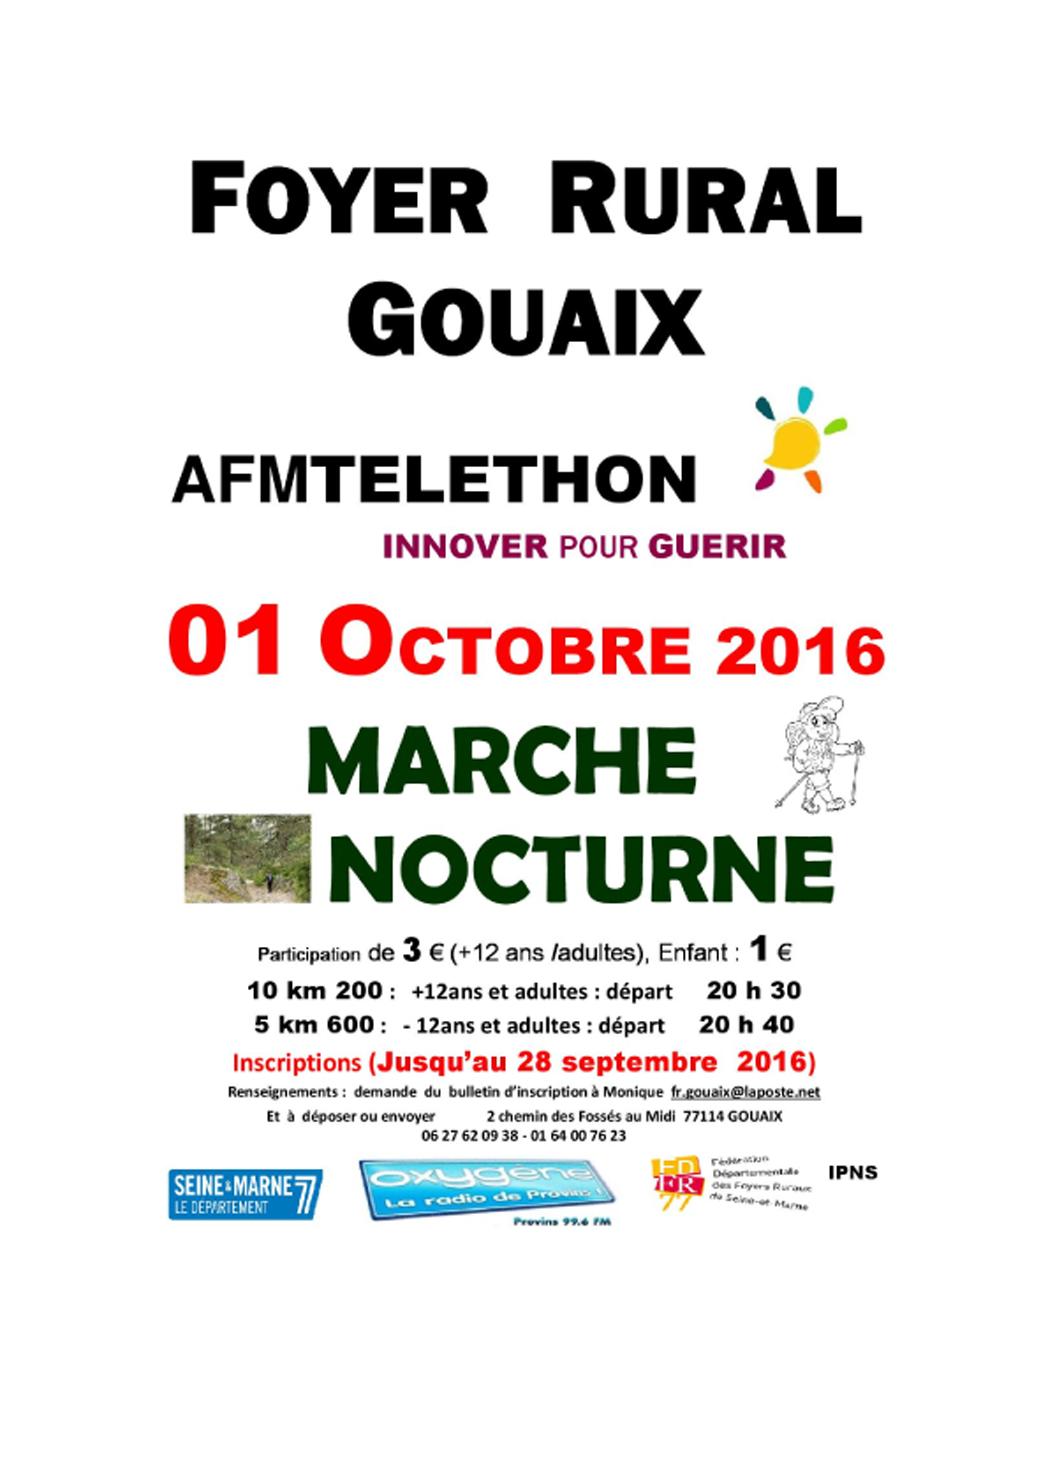 Marche Nocturne du 01 Octobre 2016